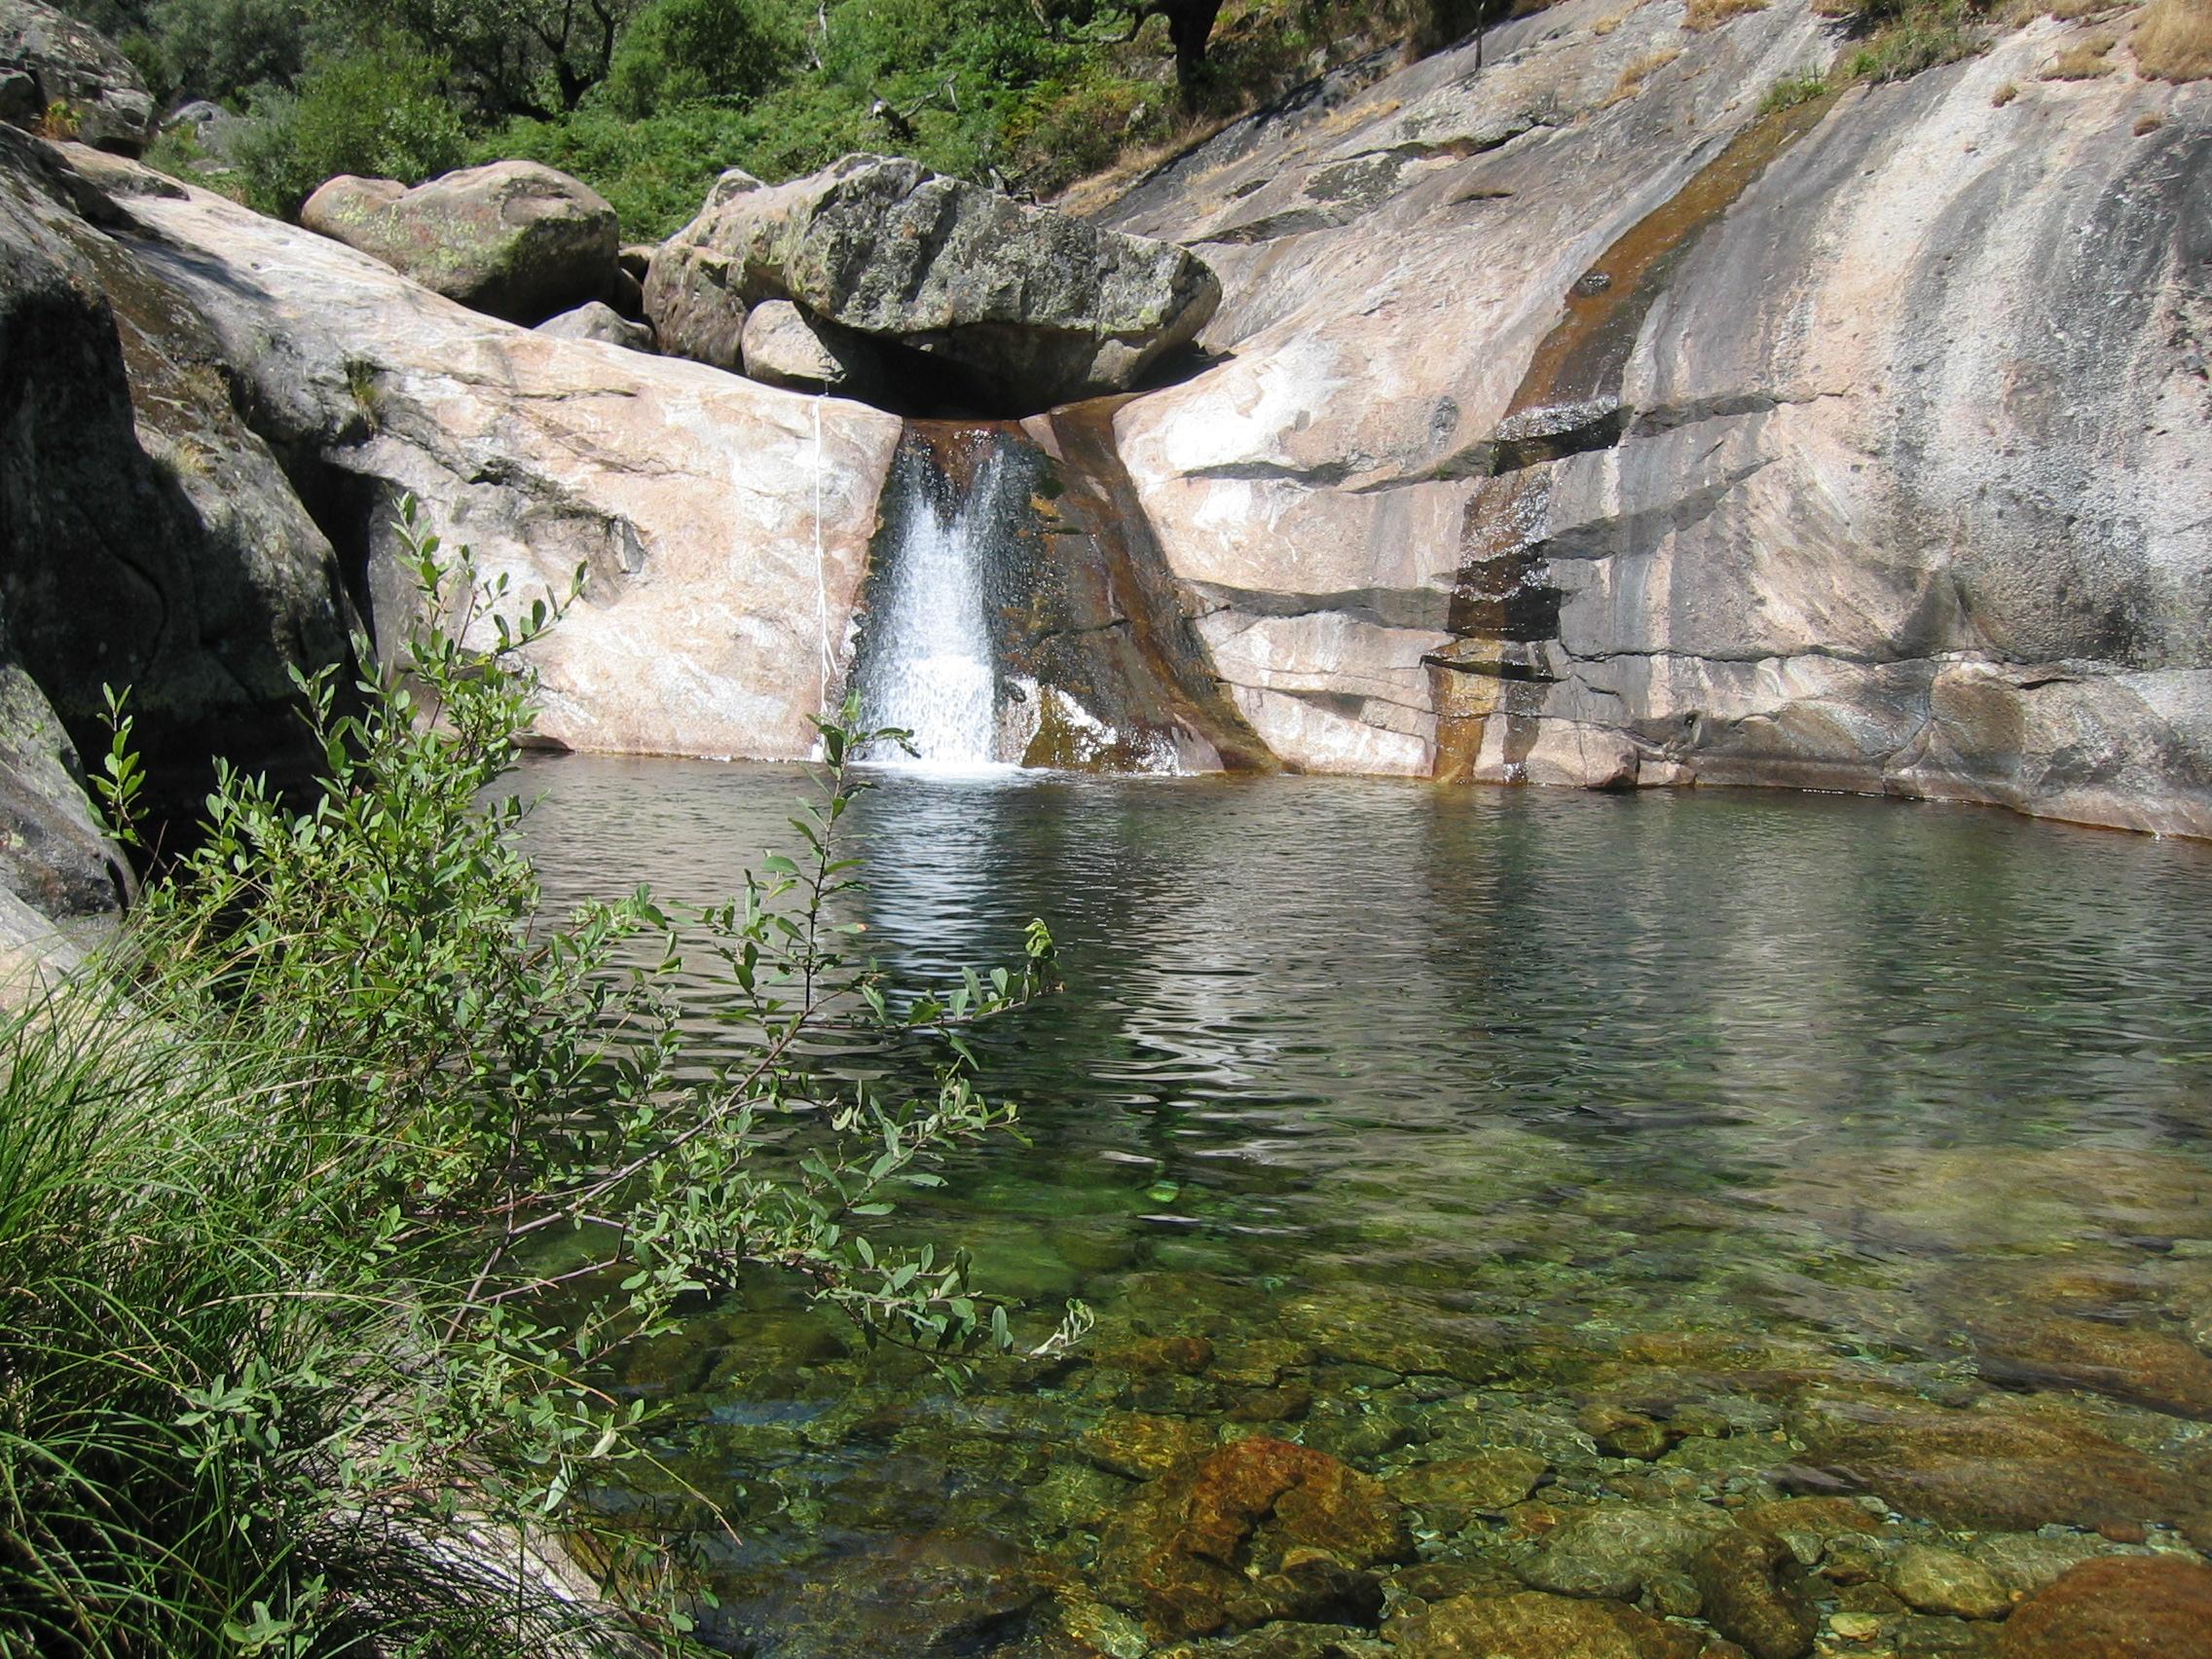 Madrigal de la vera la gran casualidad for Madrigal de la vera piscinas naturales